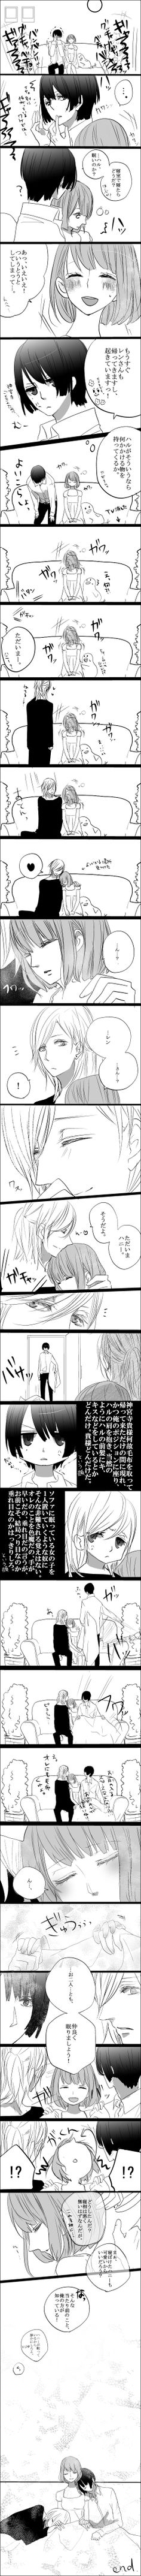 Uta no Prince-sama - Ren, Masato and Haruka - Comic